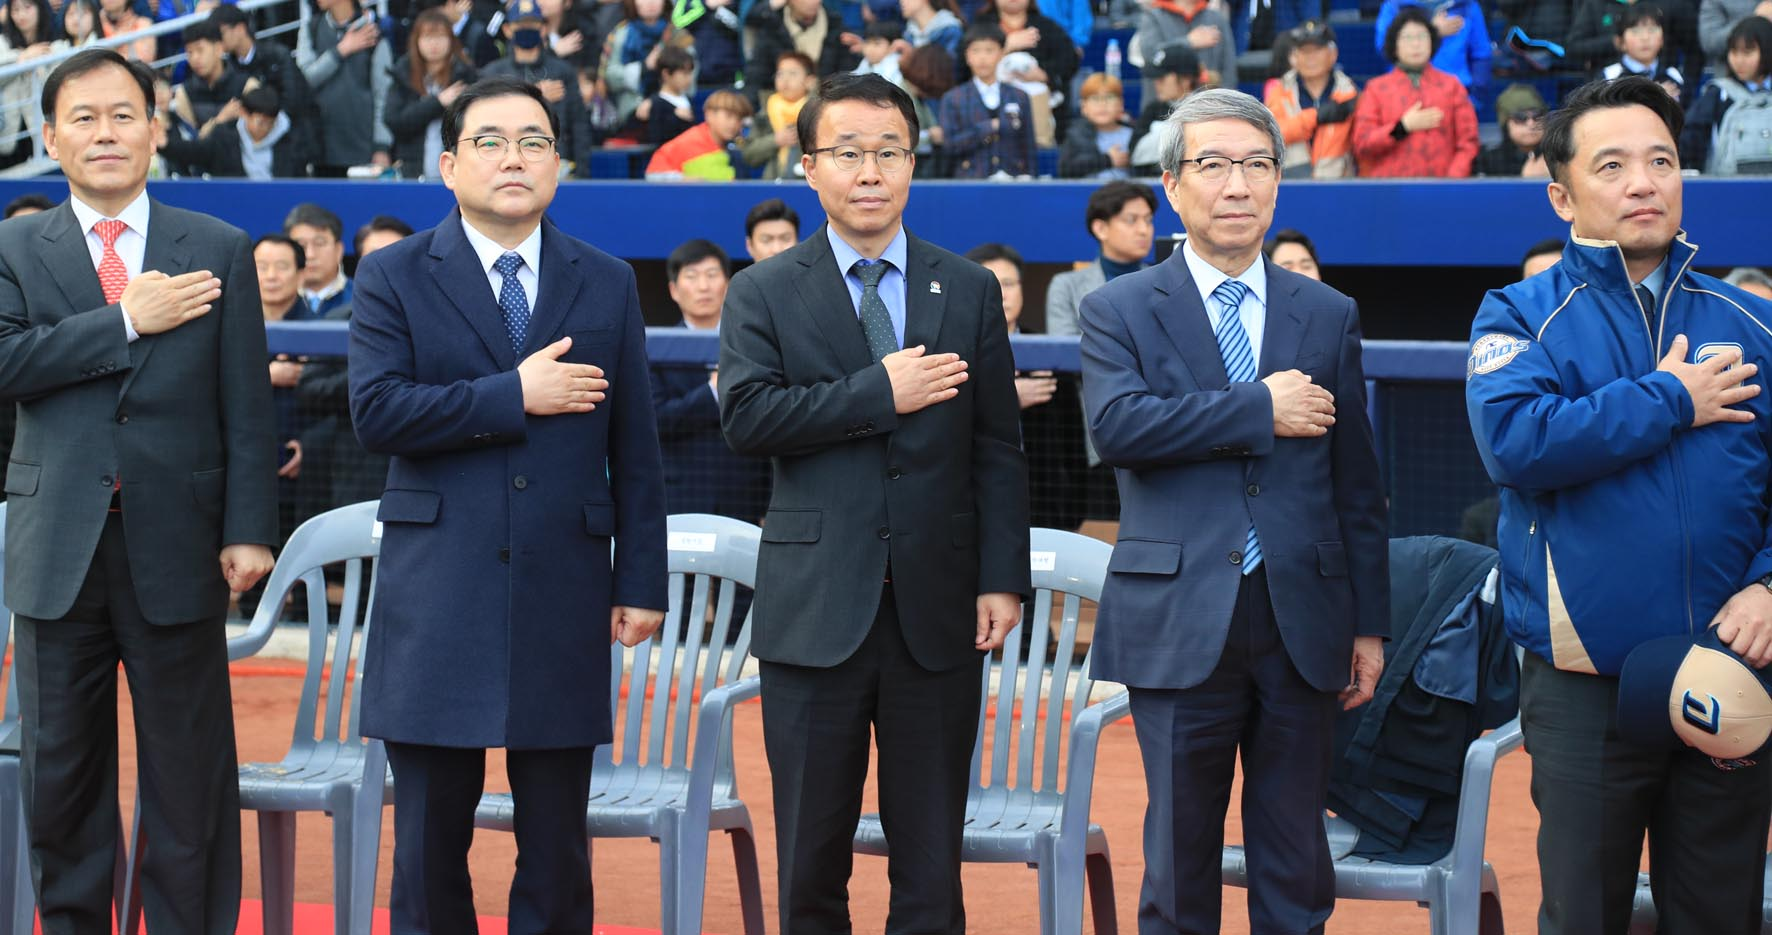 창원NC파크마산구장 개장식 개최 6 번째 이미지